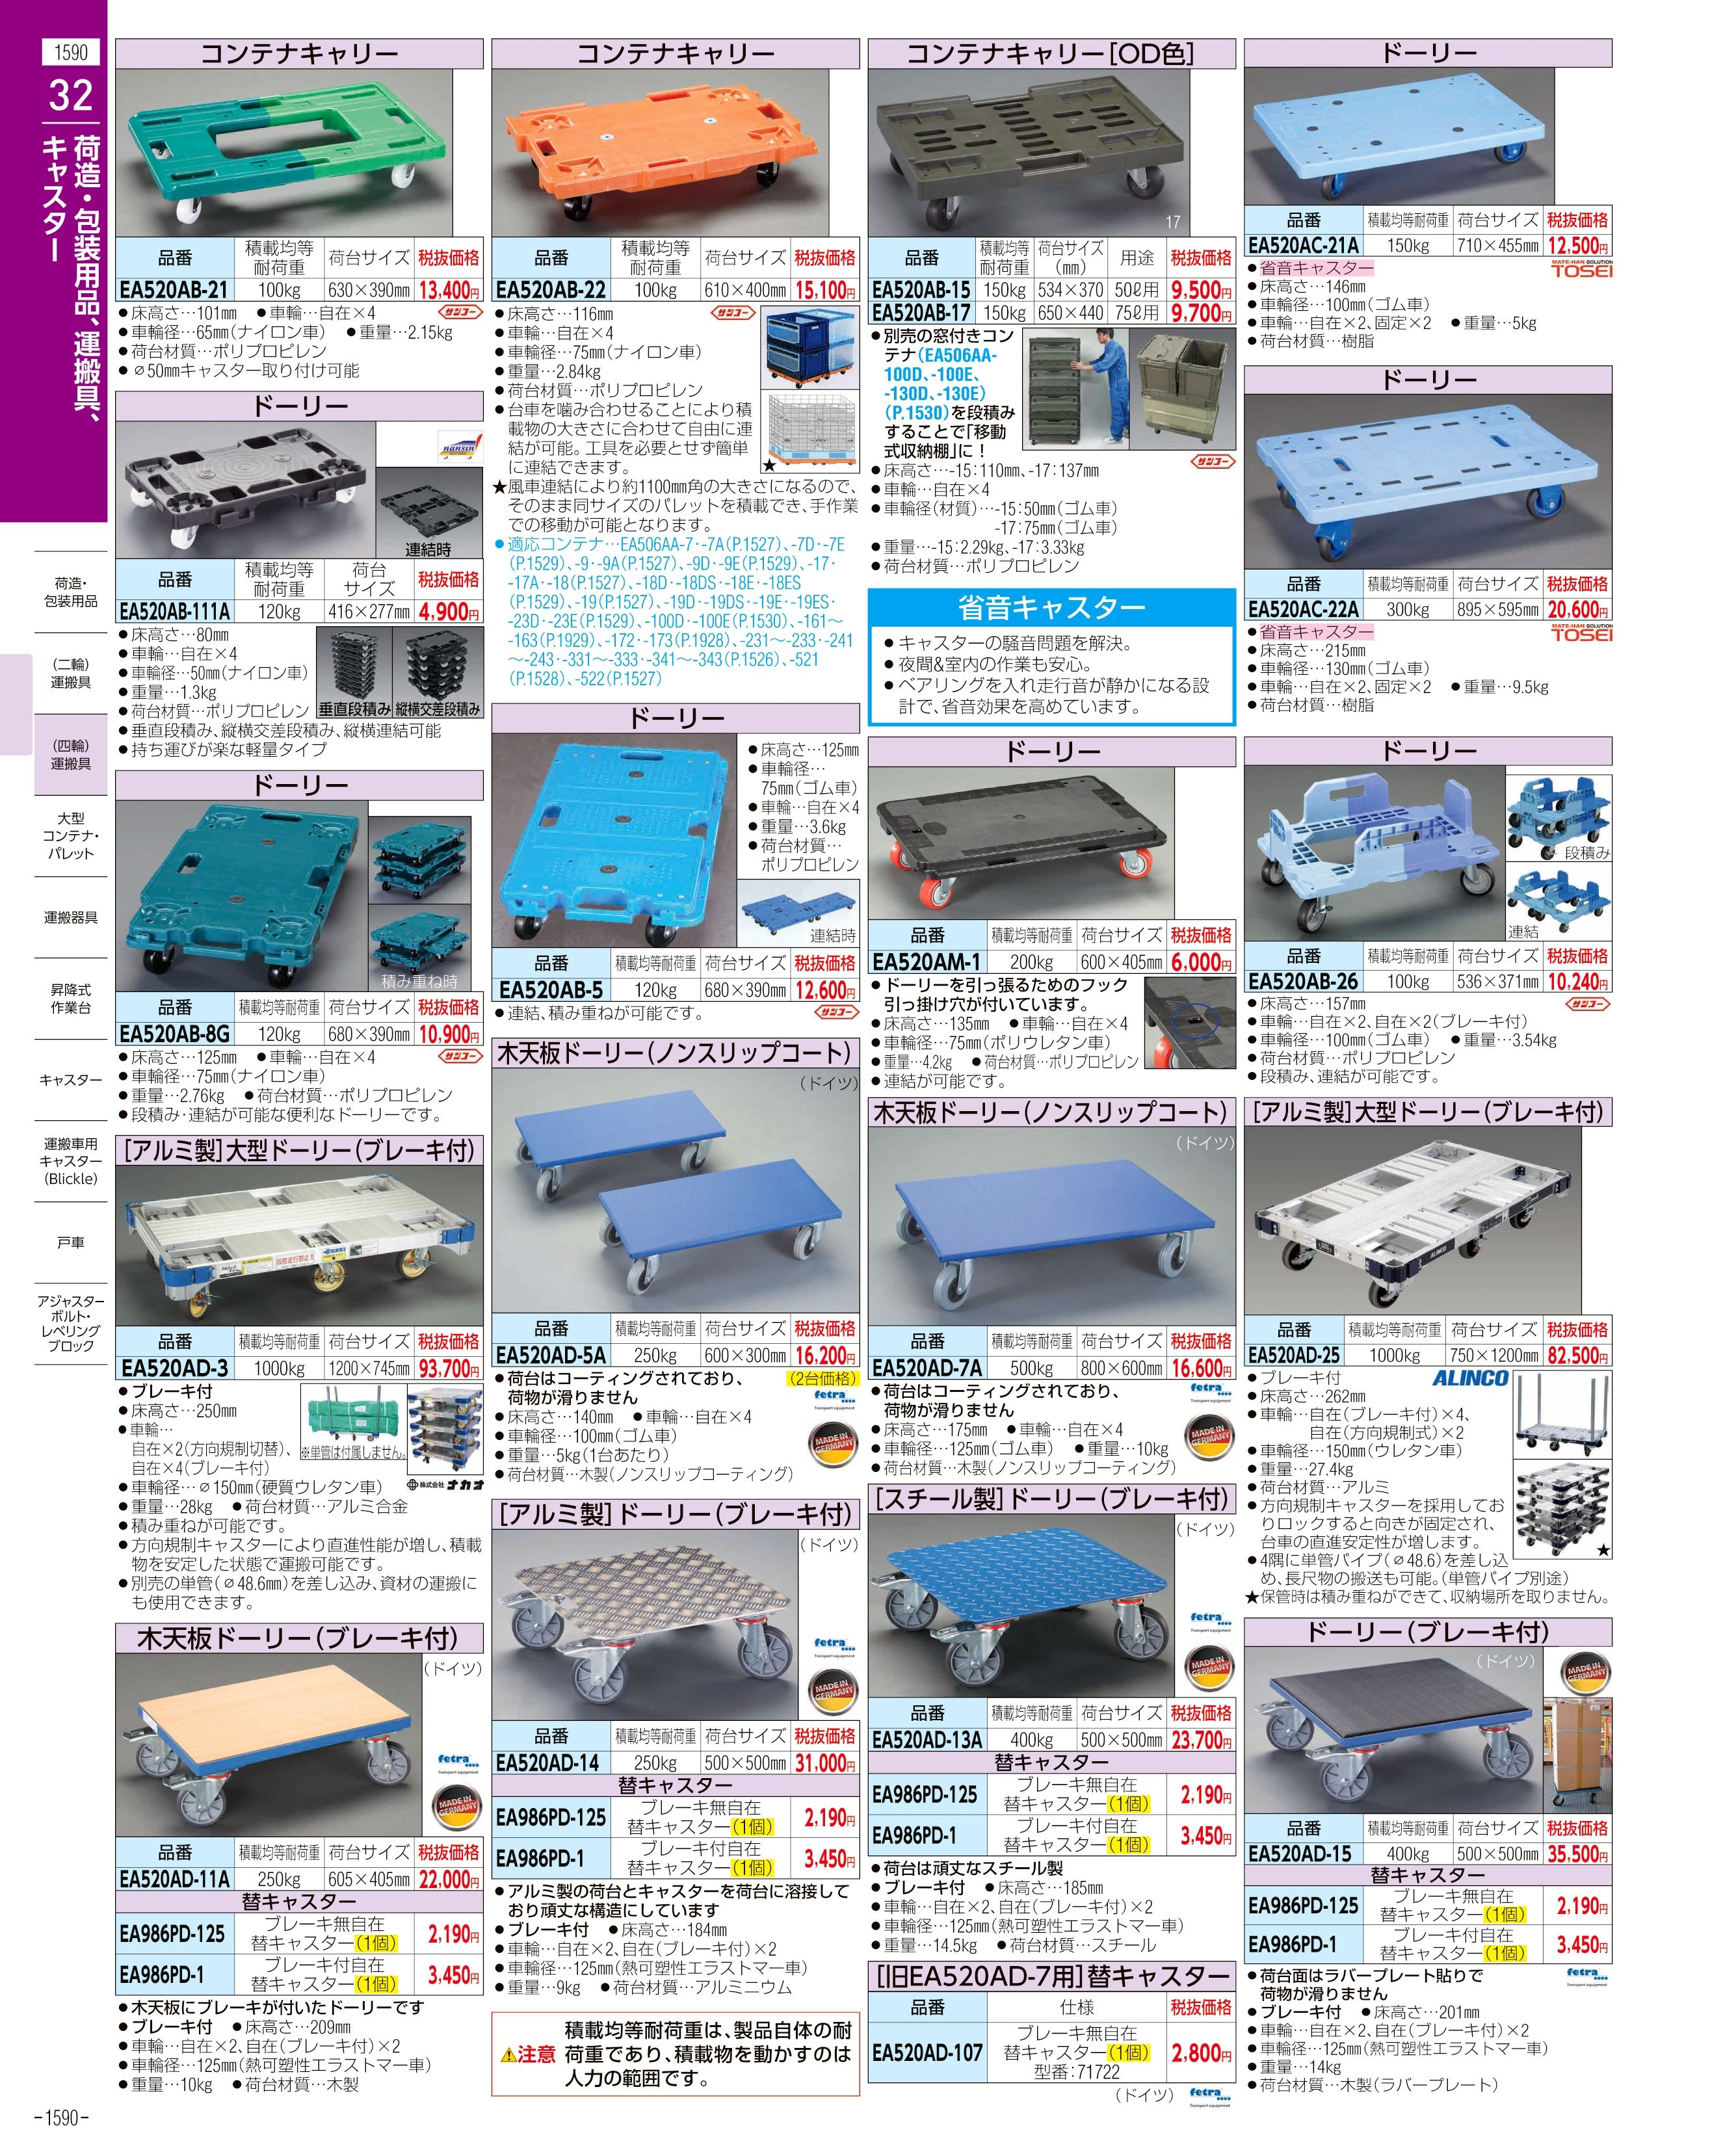 エスコ便利カタログ1590ページ